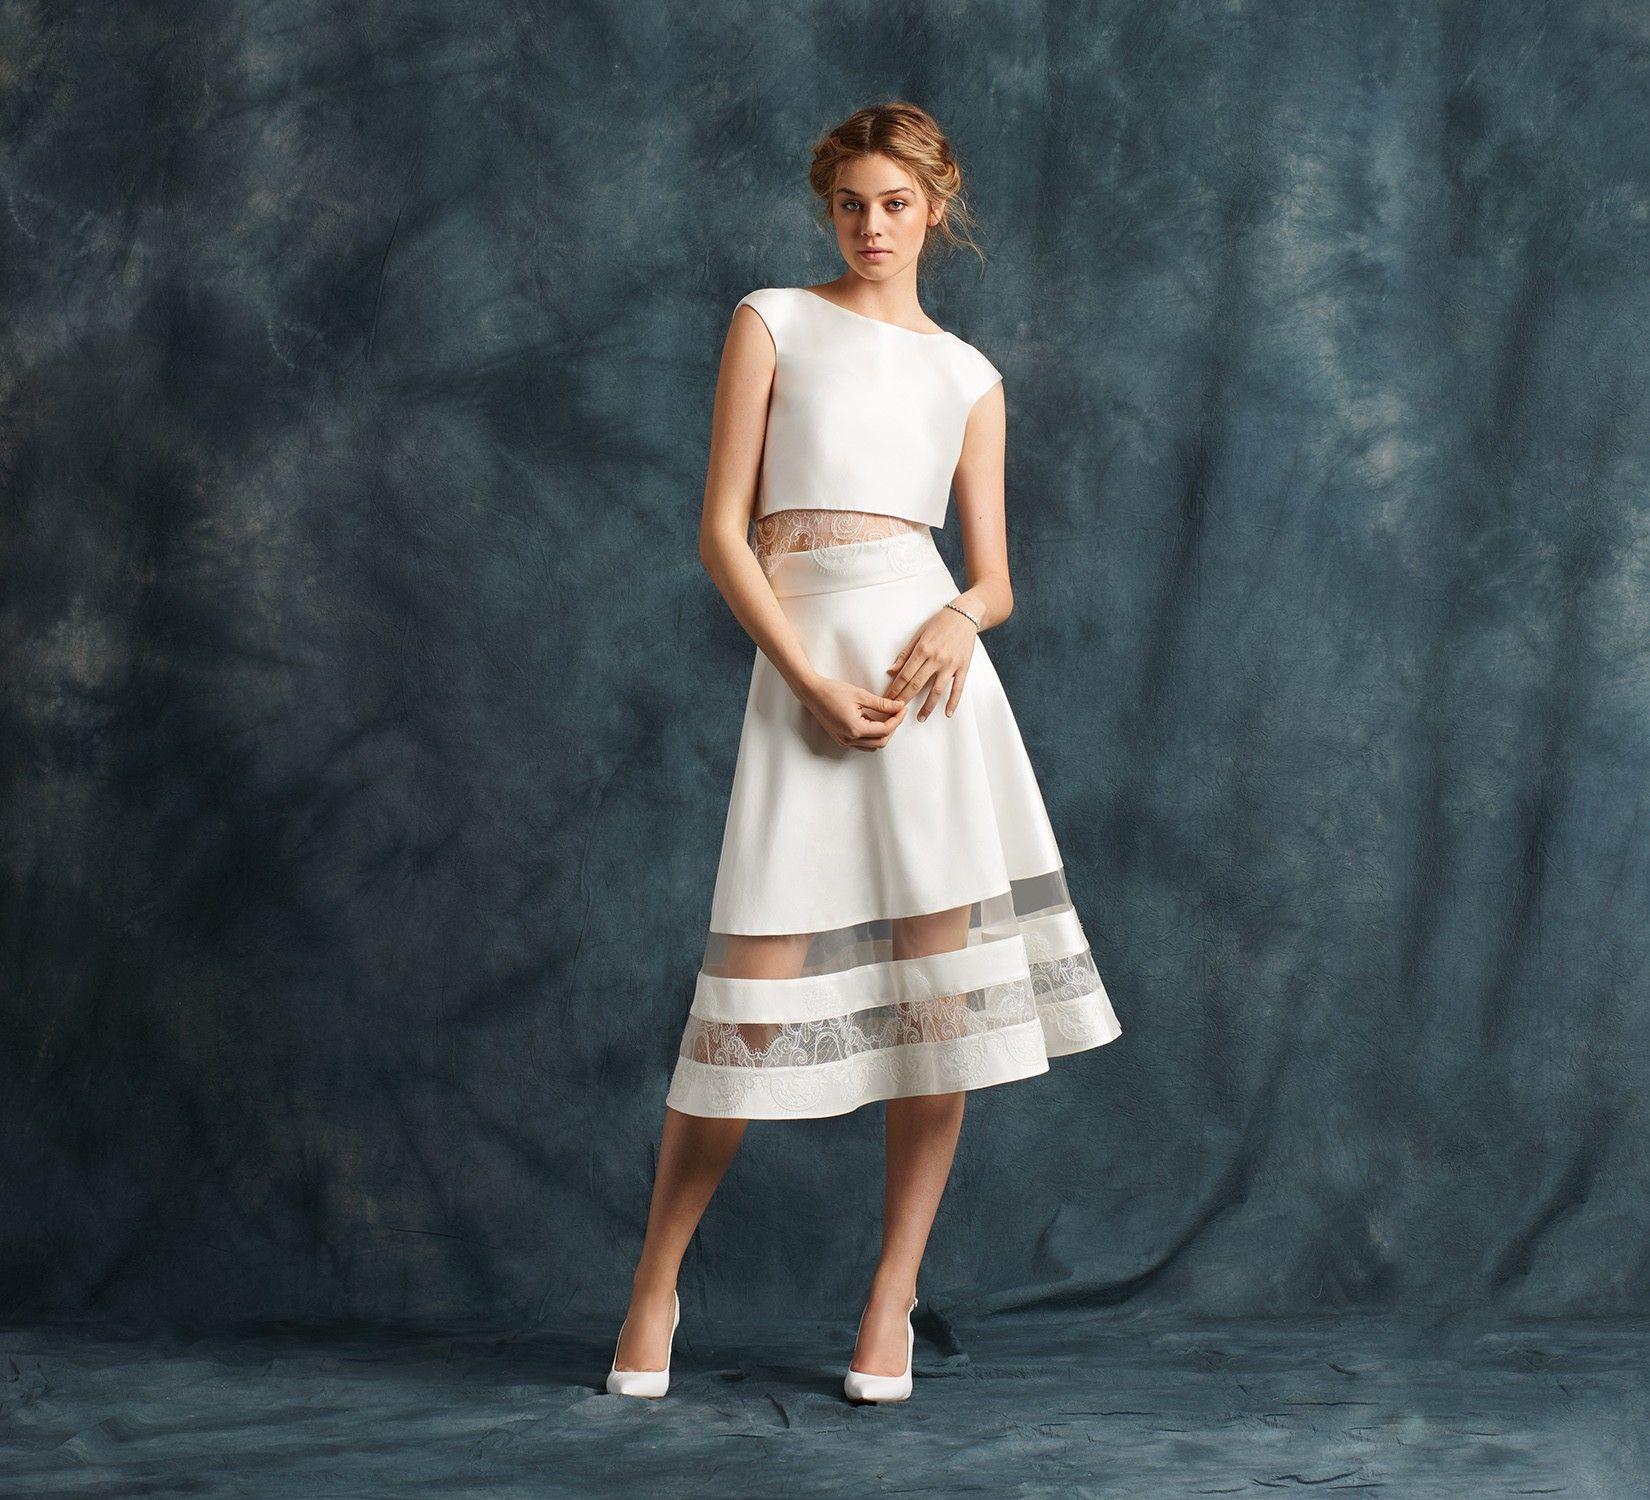 See through corset wedding dresses  Abito da sposa Alma  matrimoni  Pinterest  Wedding